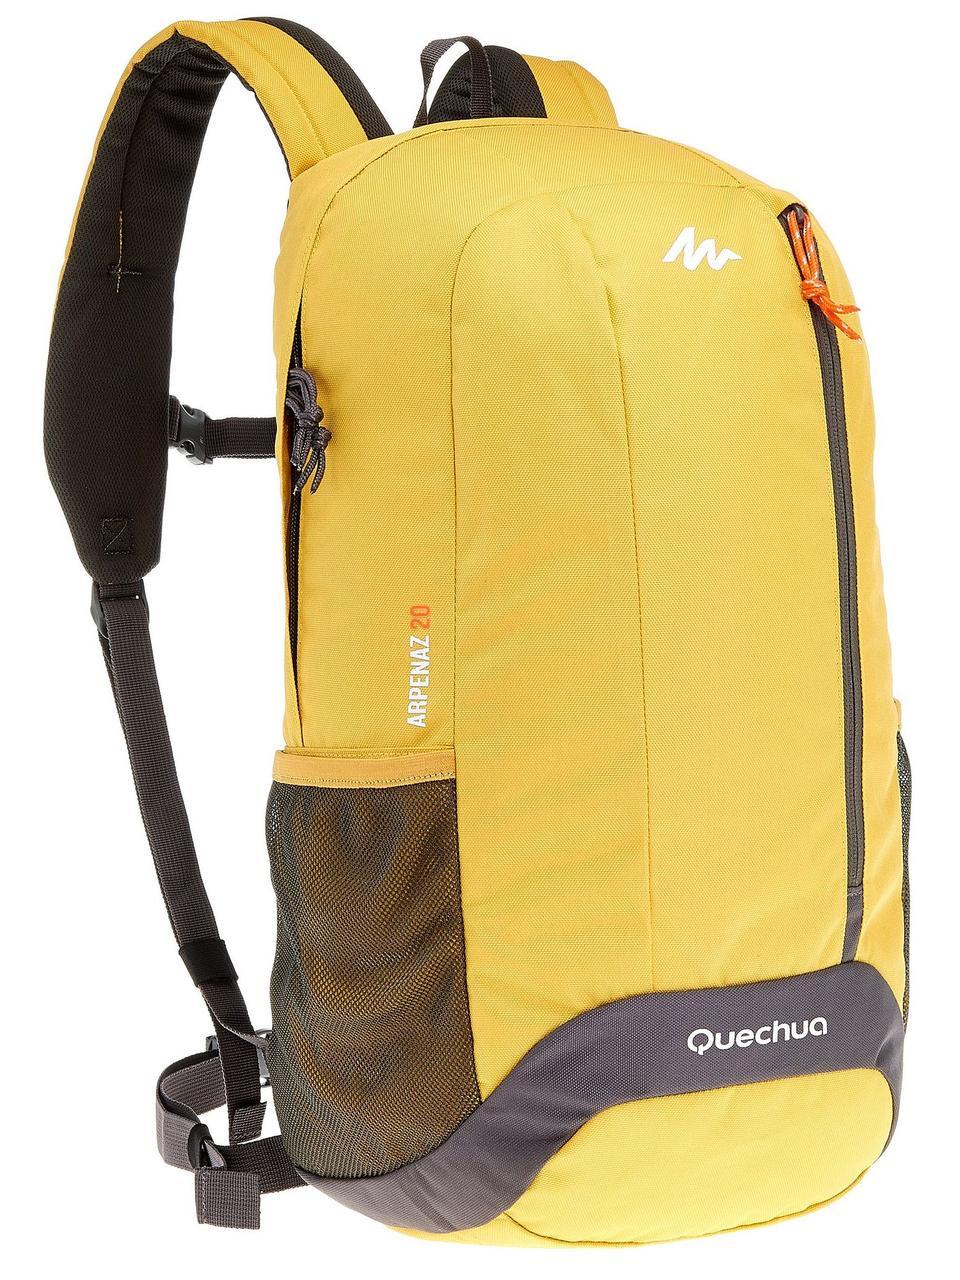 Городской рюкзак Quechua 20л. желтый (рюкзак для спорта, спортивные рю